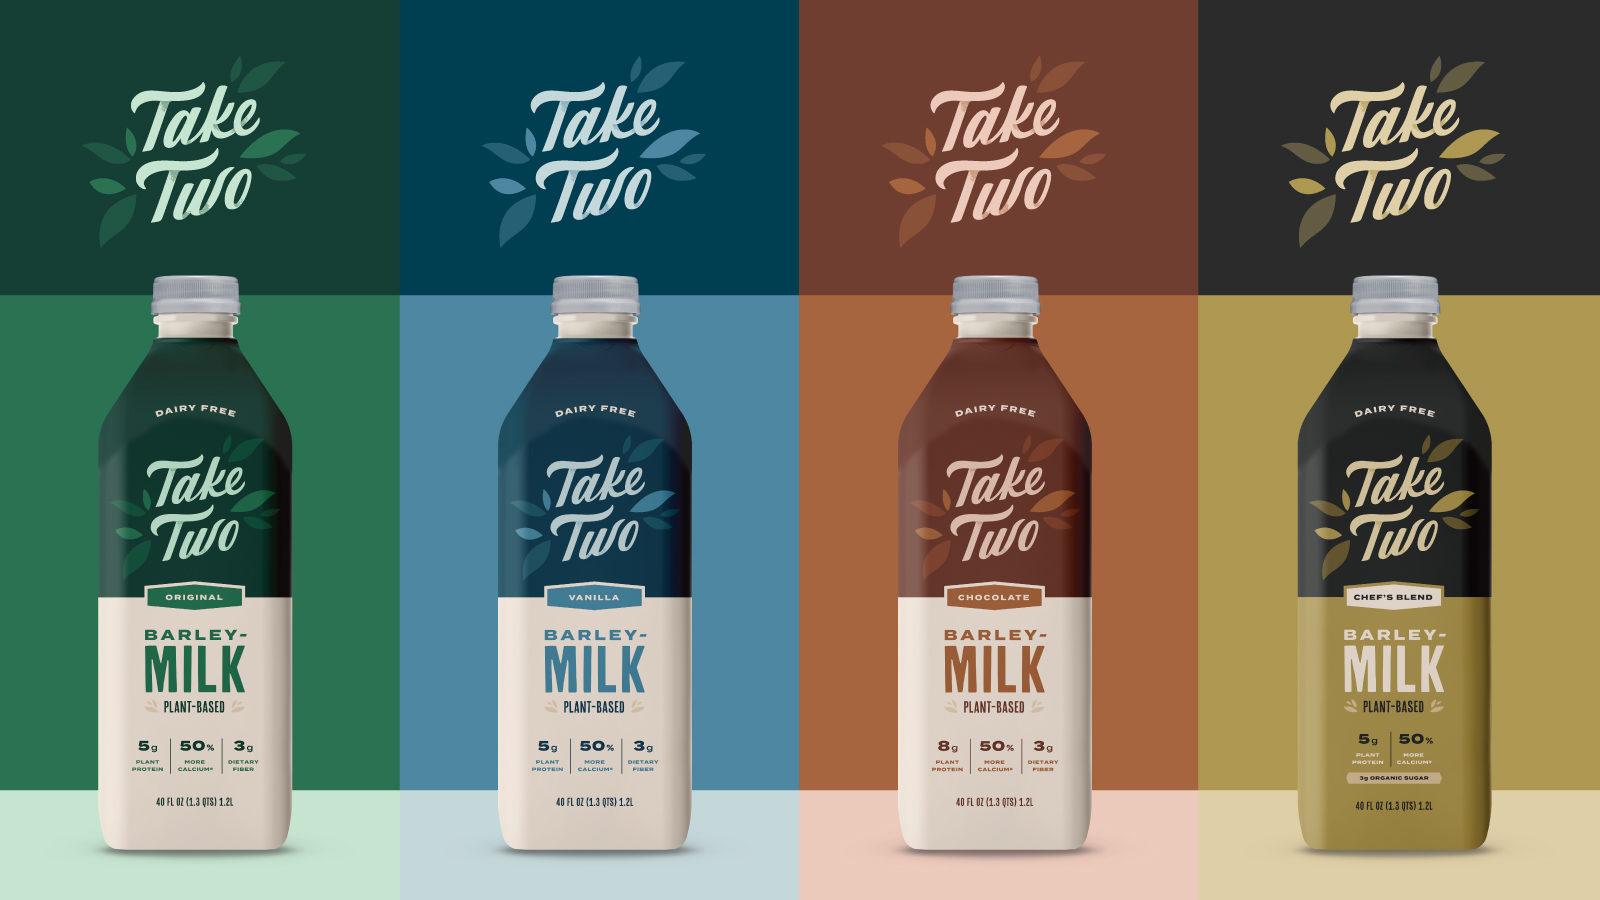 Take Two Bottle Varieties